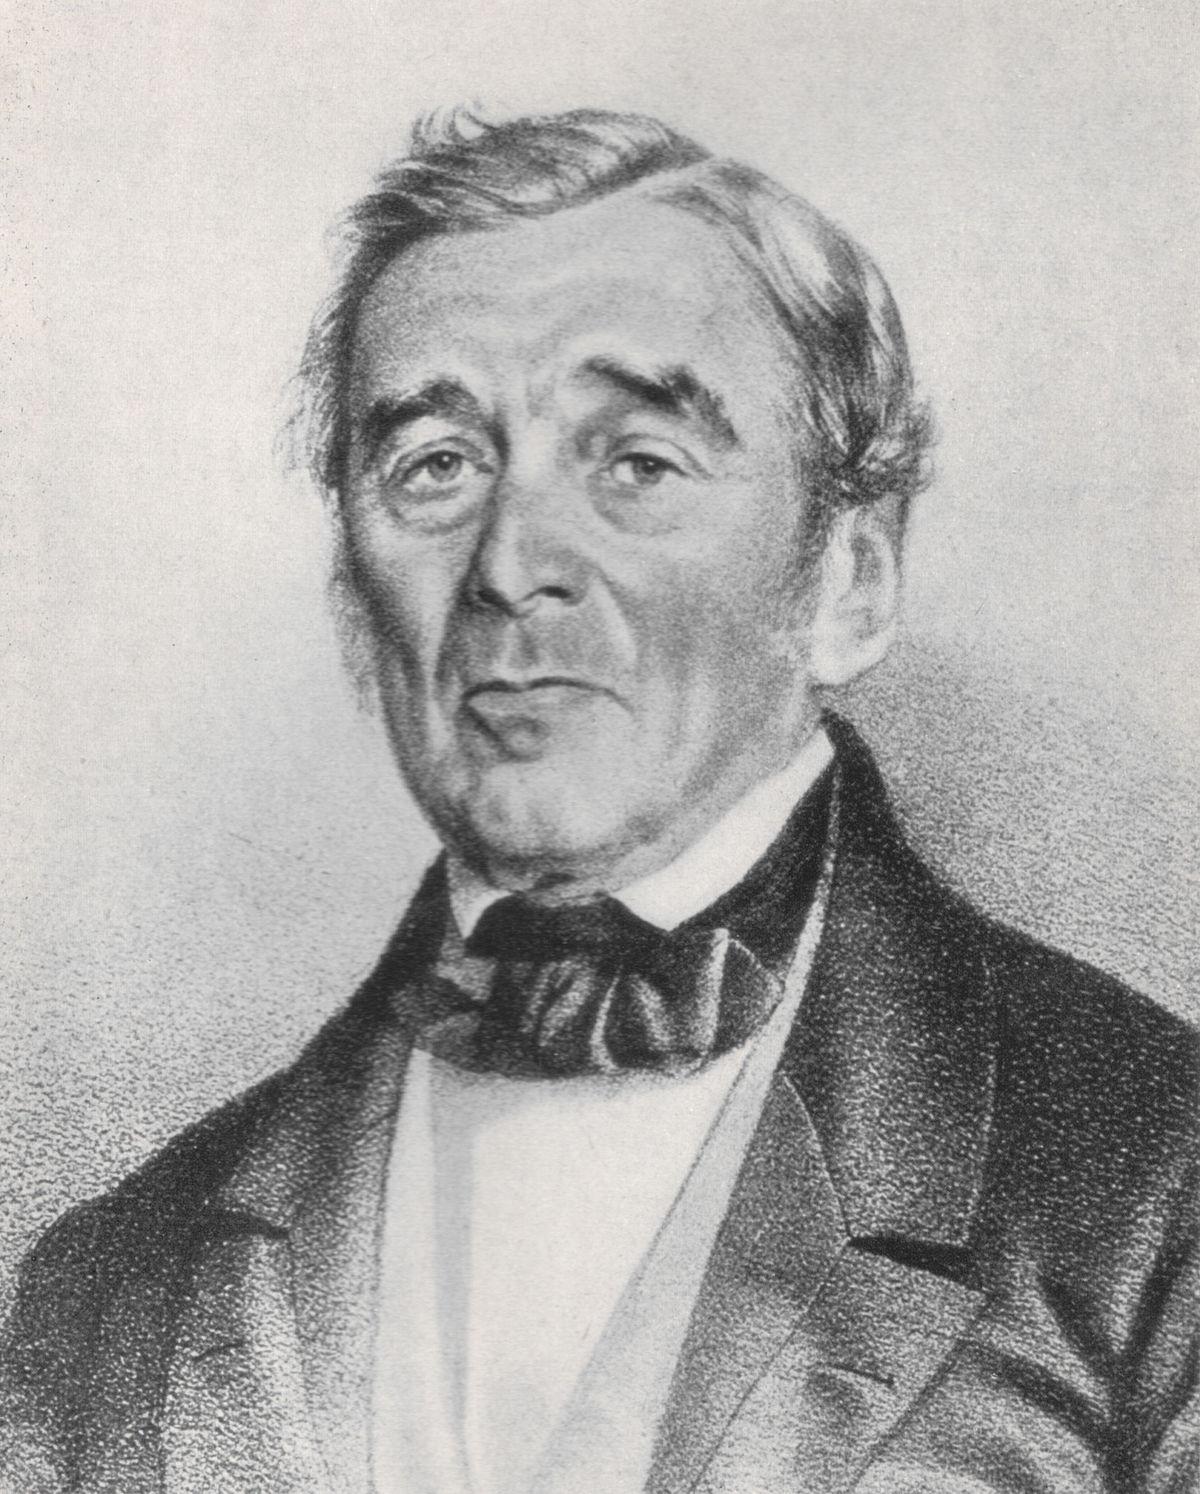 Johann Lorenz